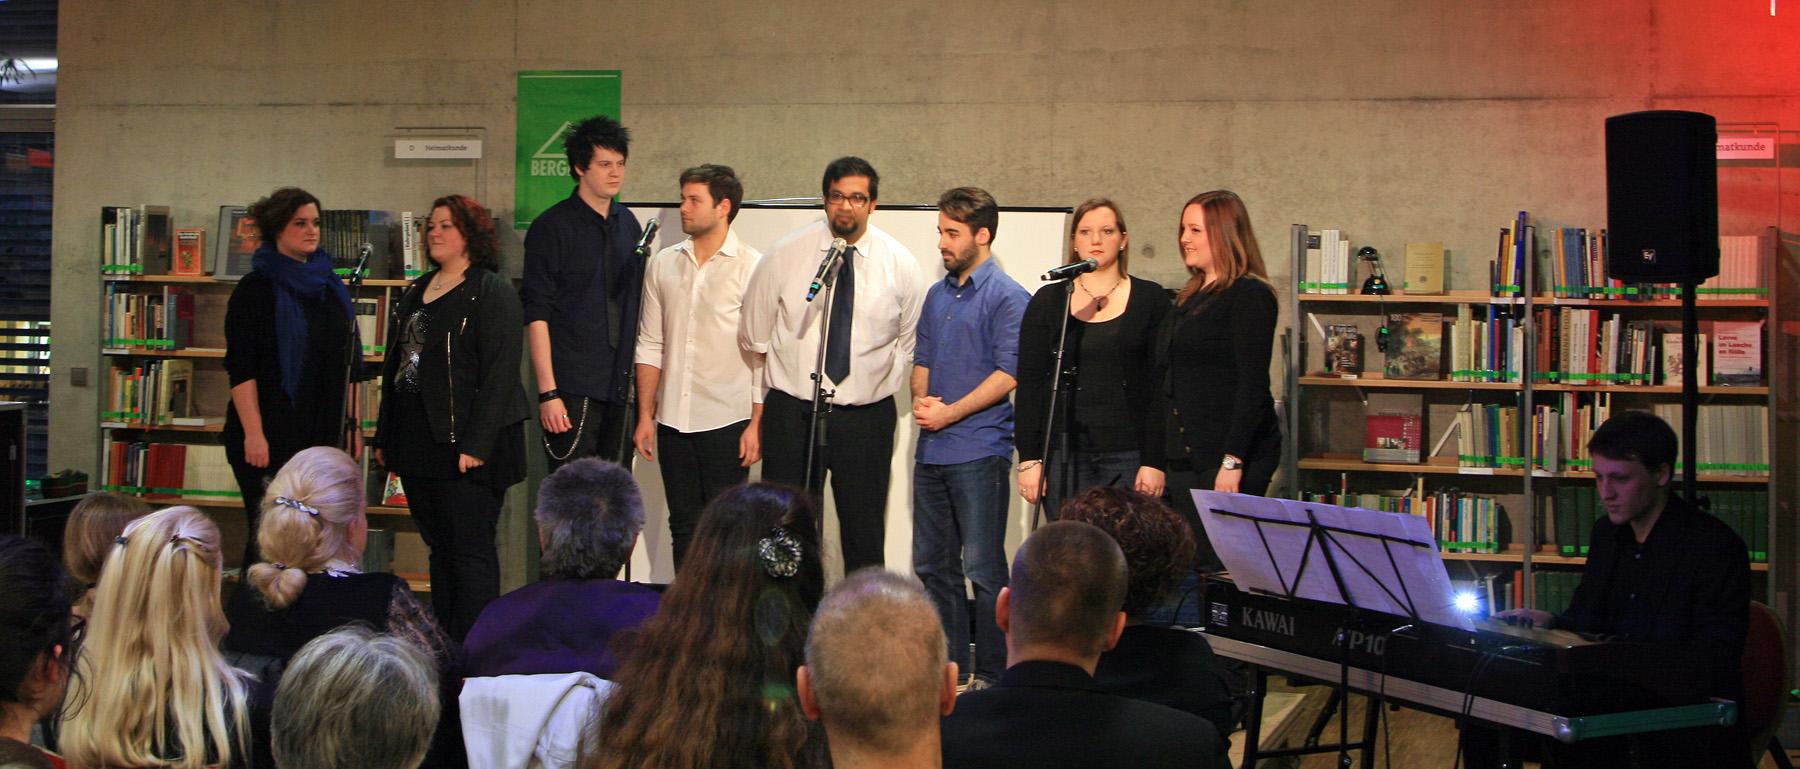 8 Sänger, ein Klavier und hunderttausend Bücher